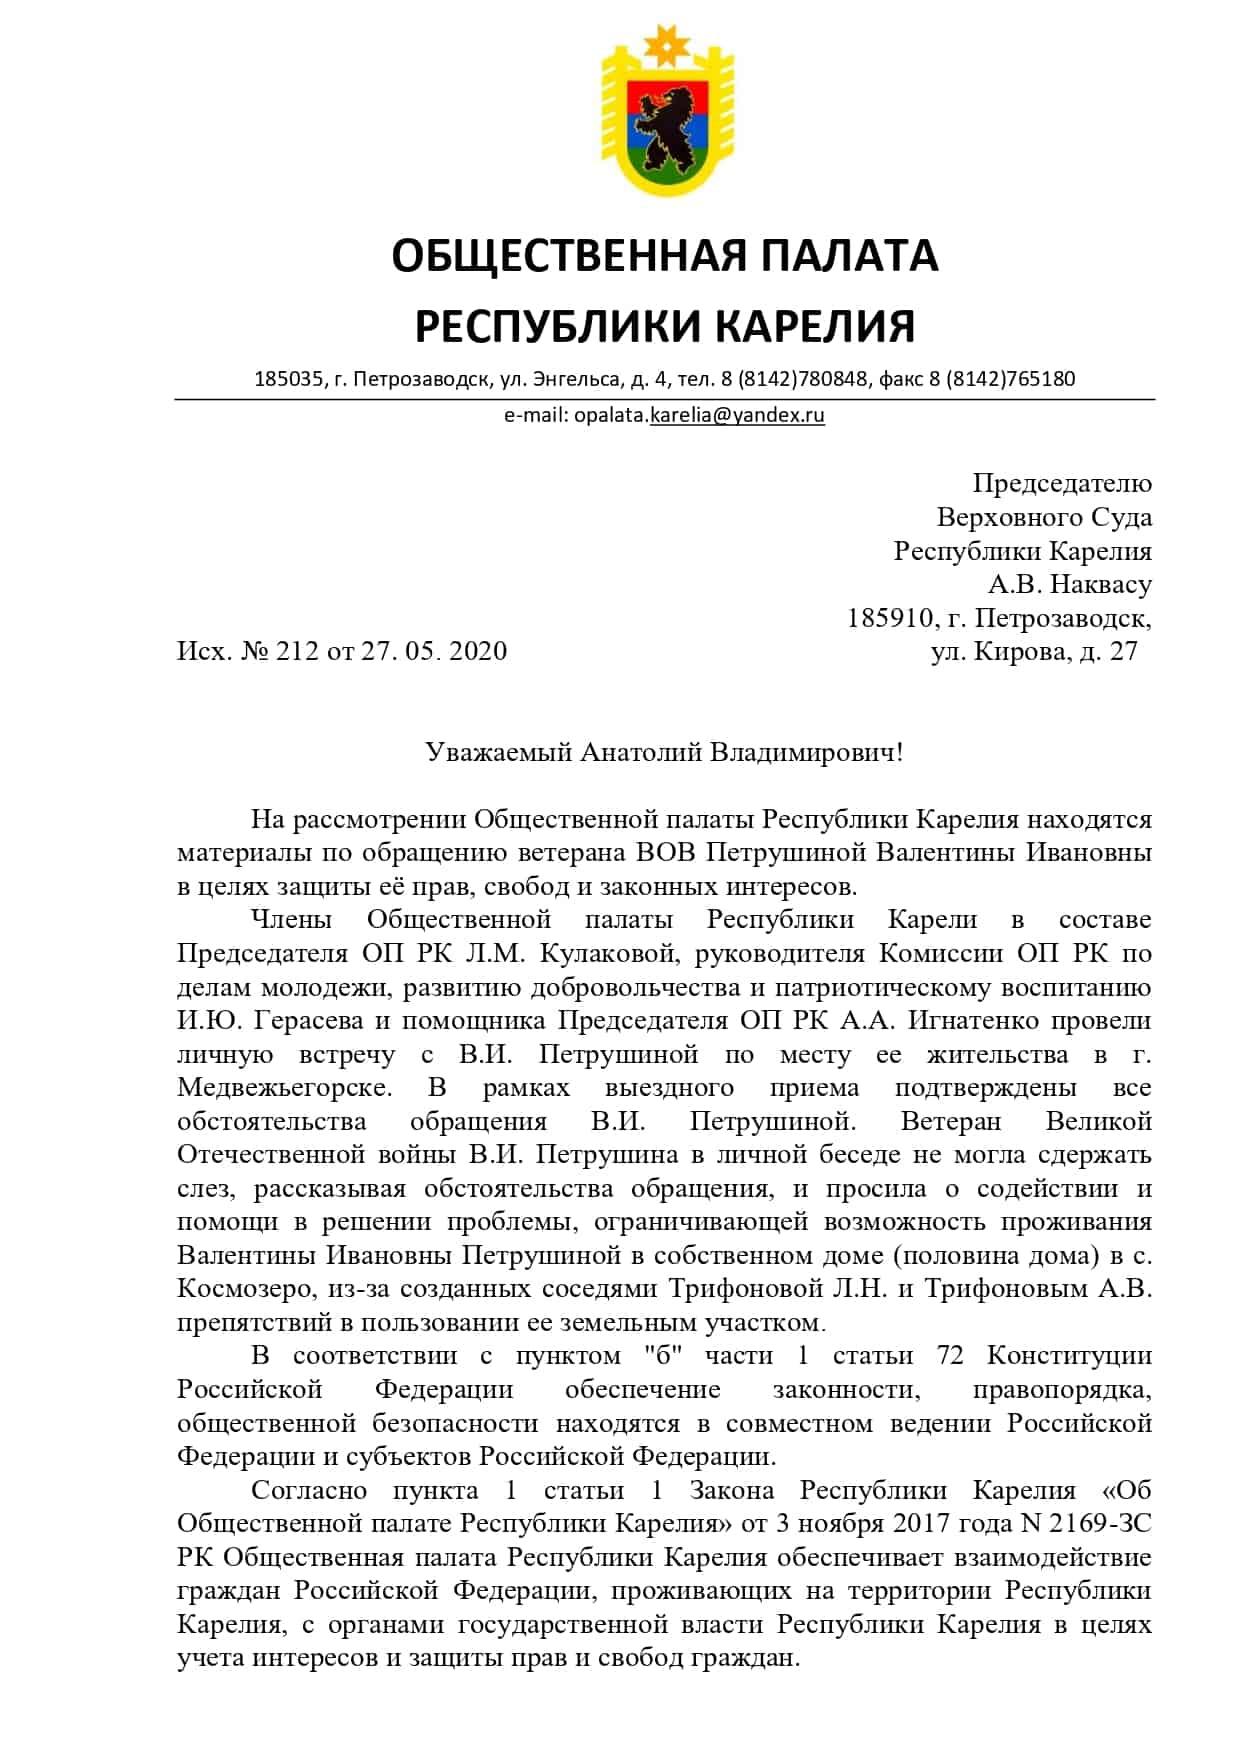 Пример обращения в Карельский Верховный Суд